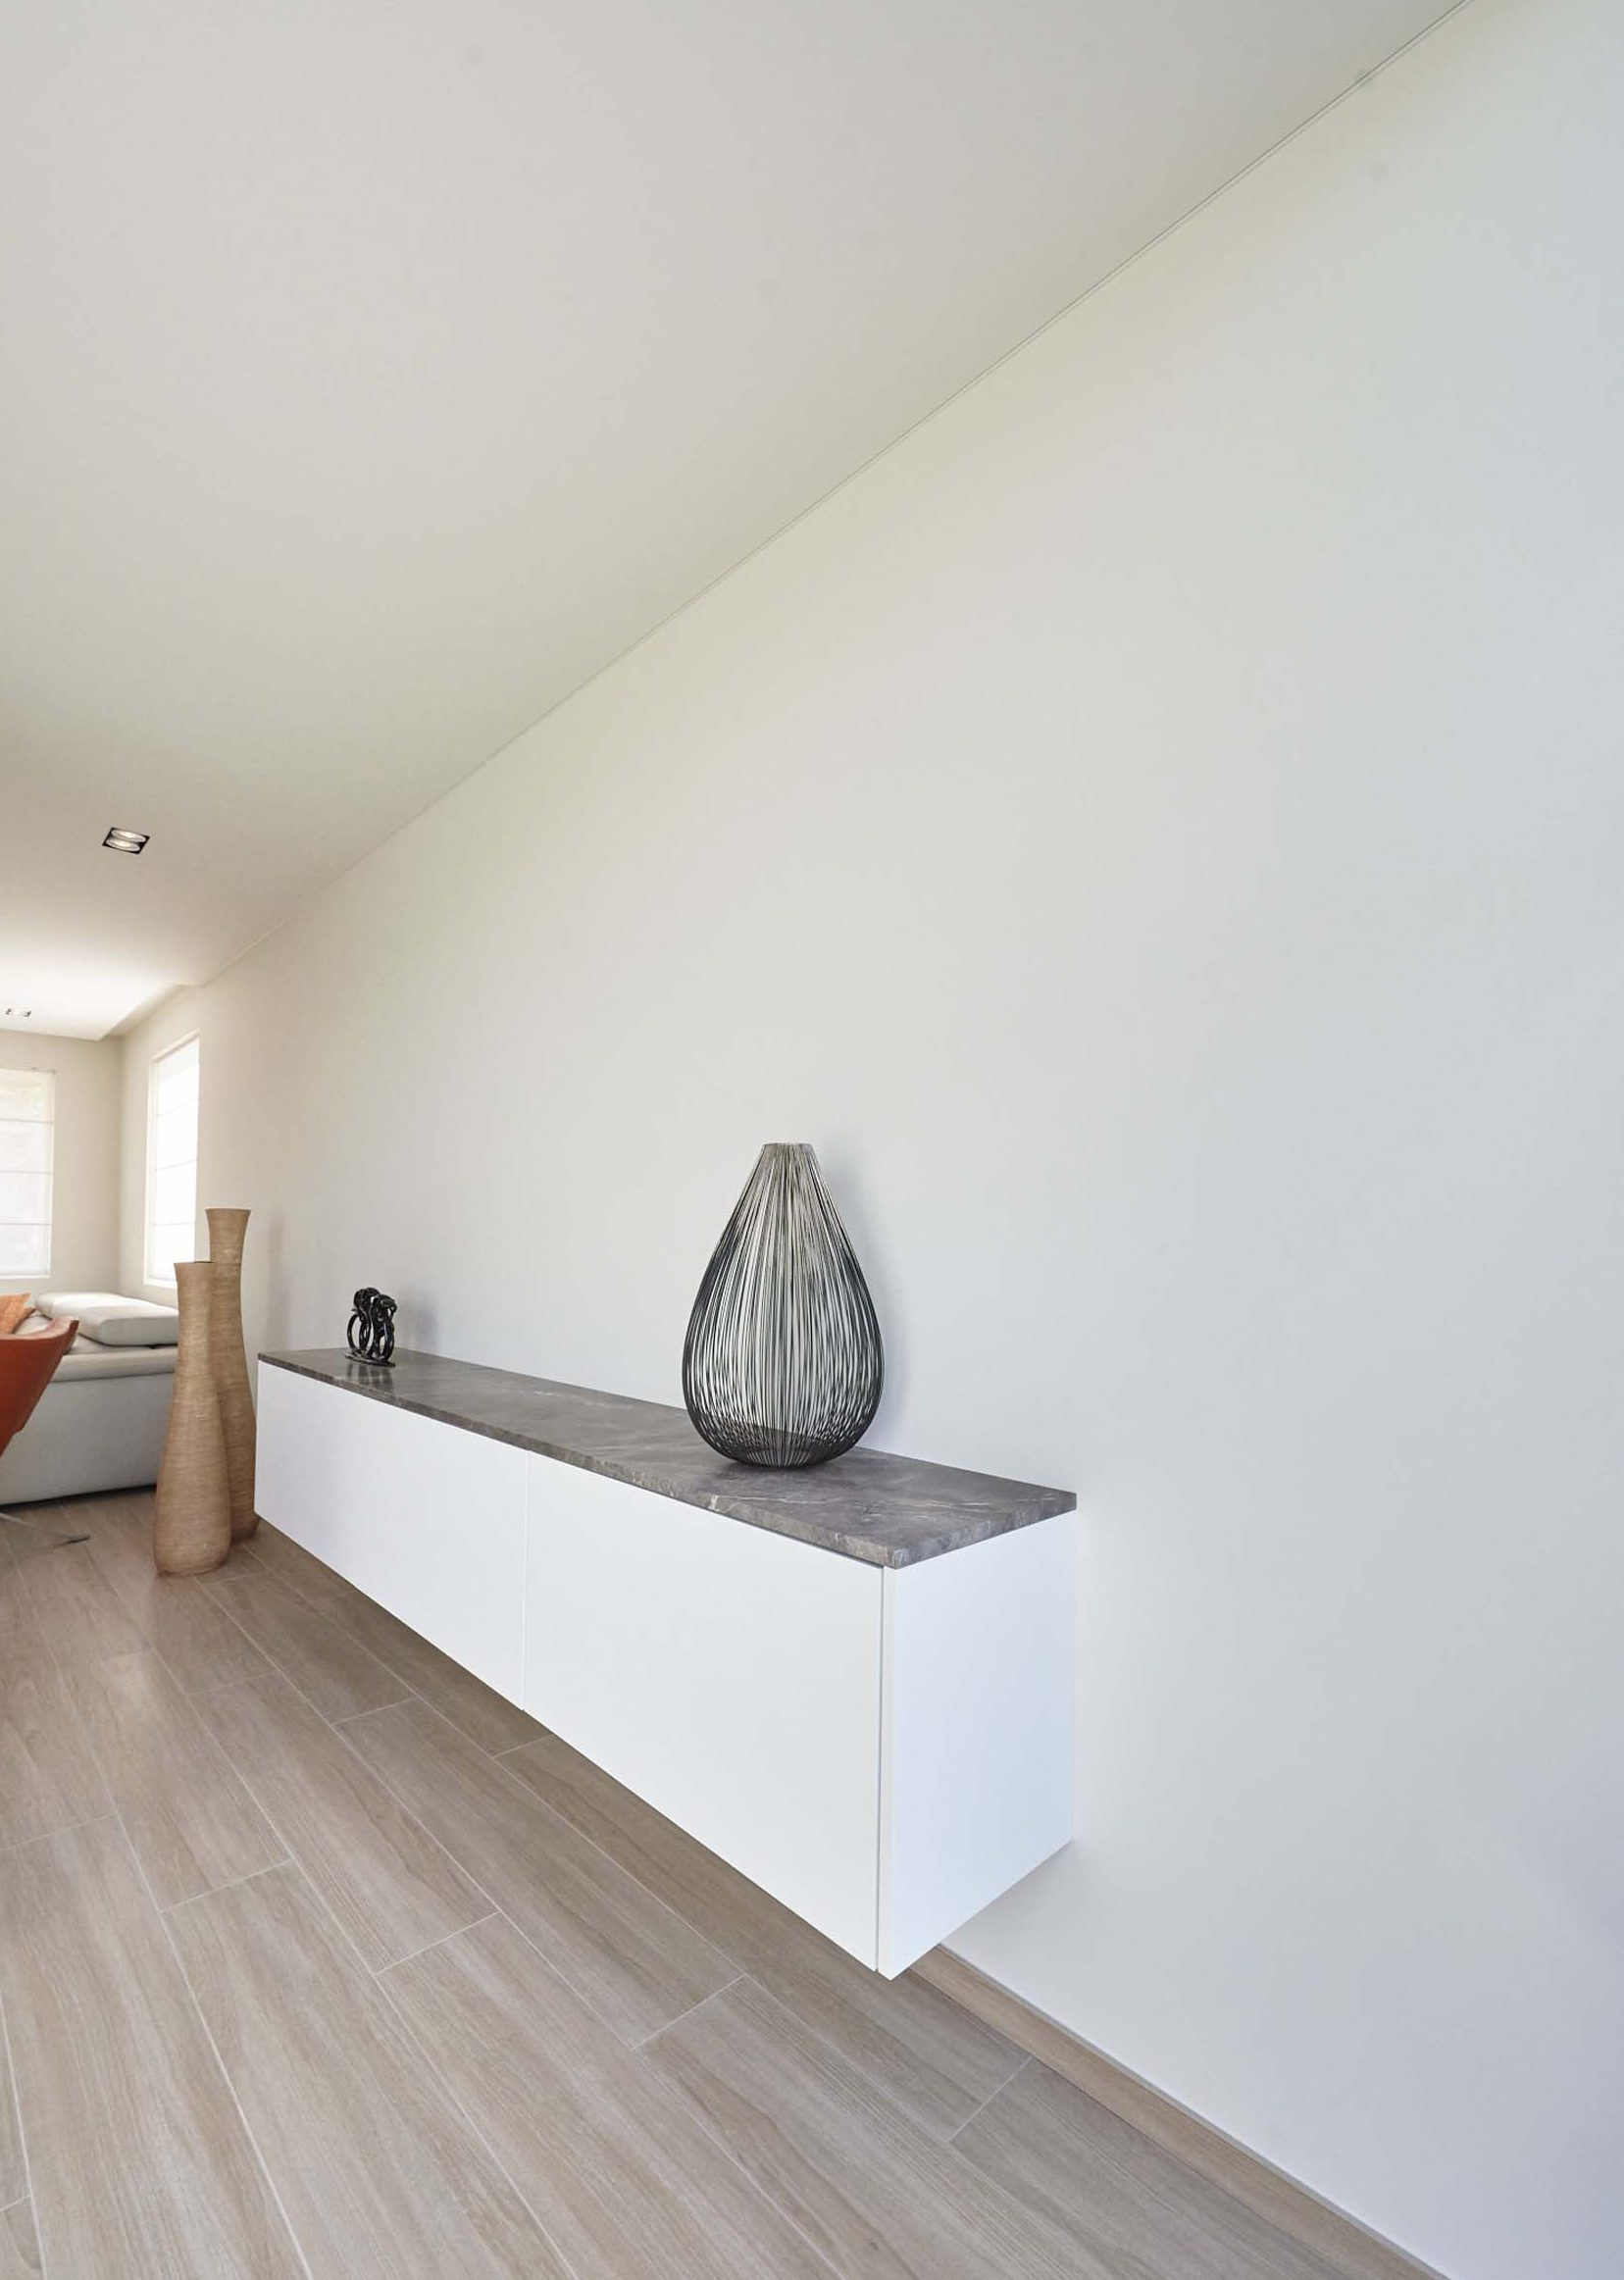 Vanda-projects-interieurinrichting-meubelmakerij-oost-vlaanderen-mortier-woonkamer-kast